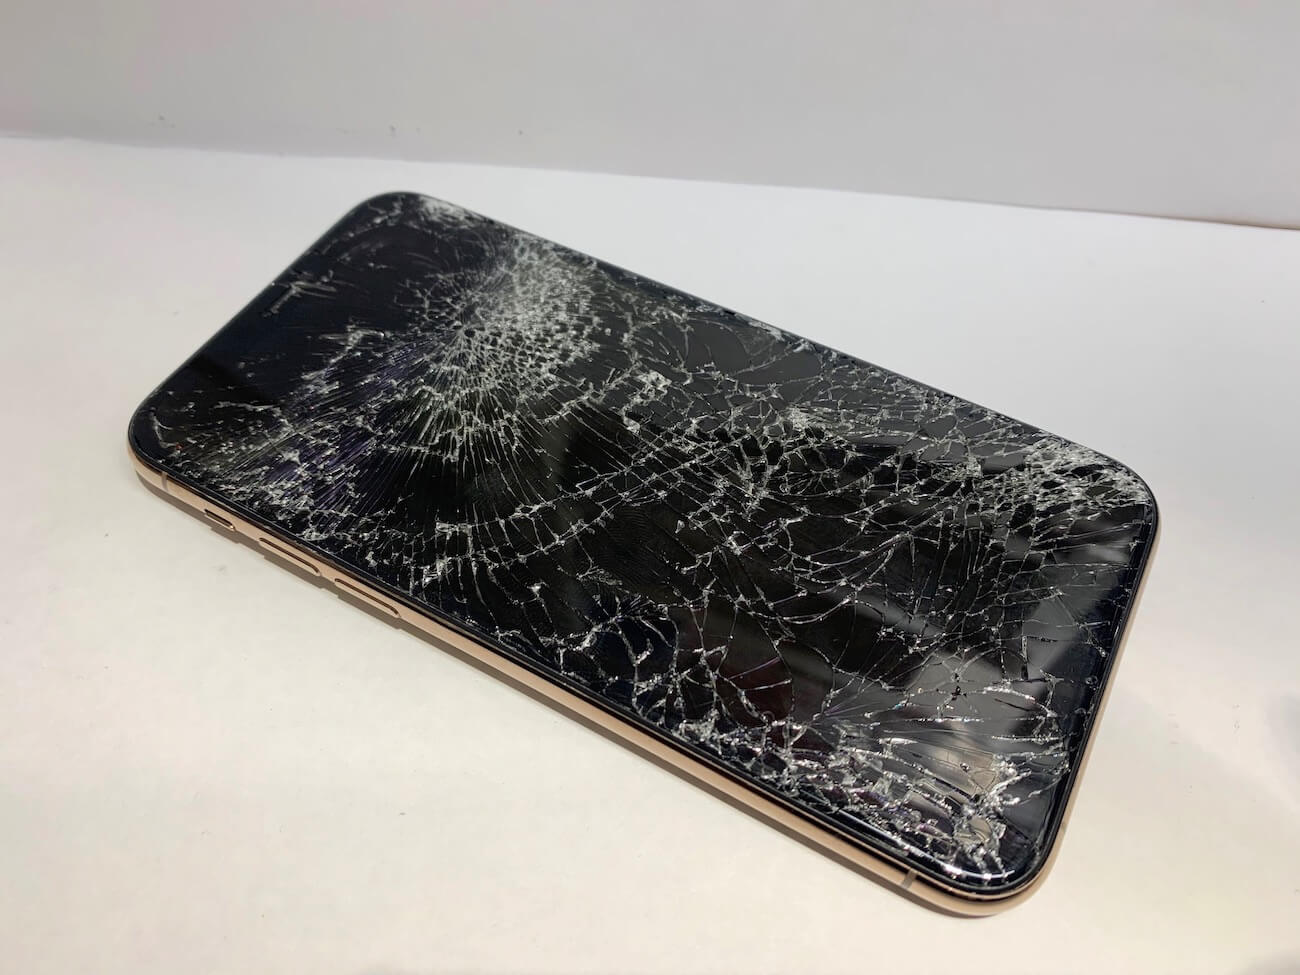 修理前のiPhone11Proの写真